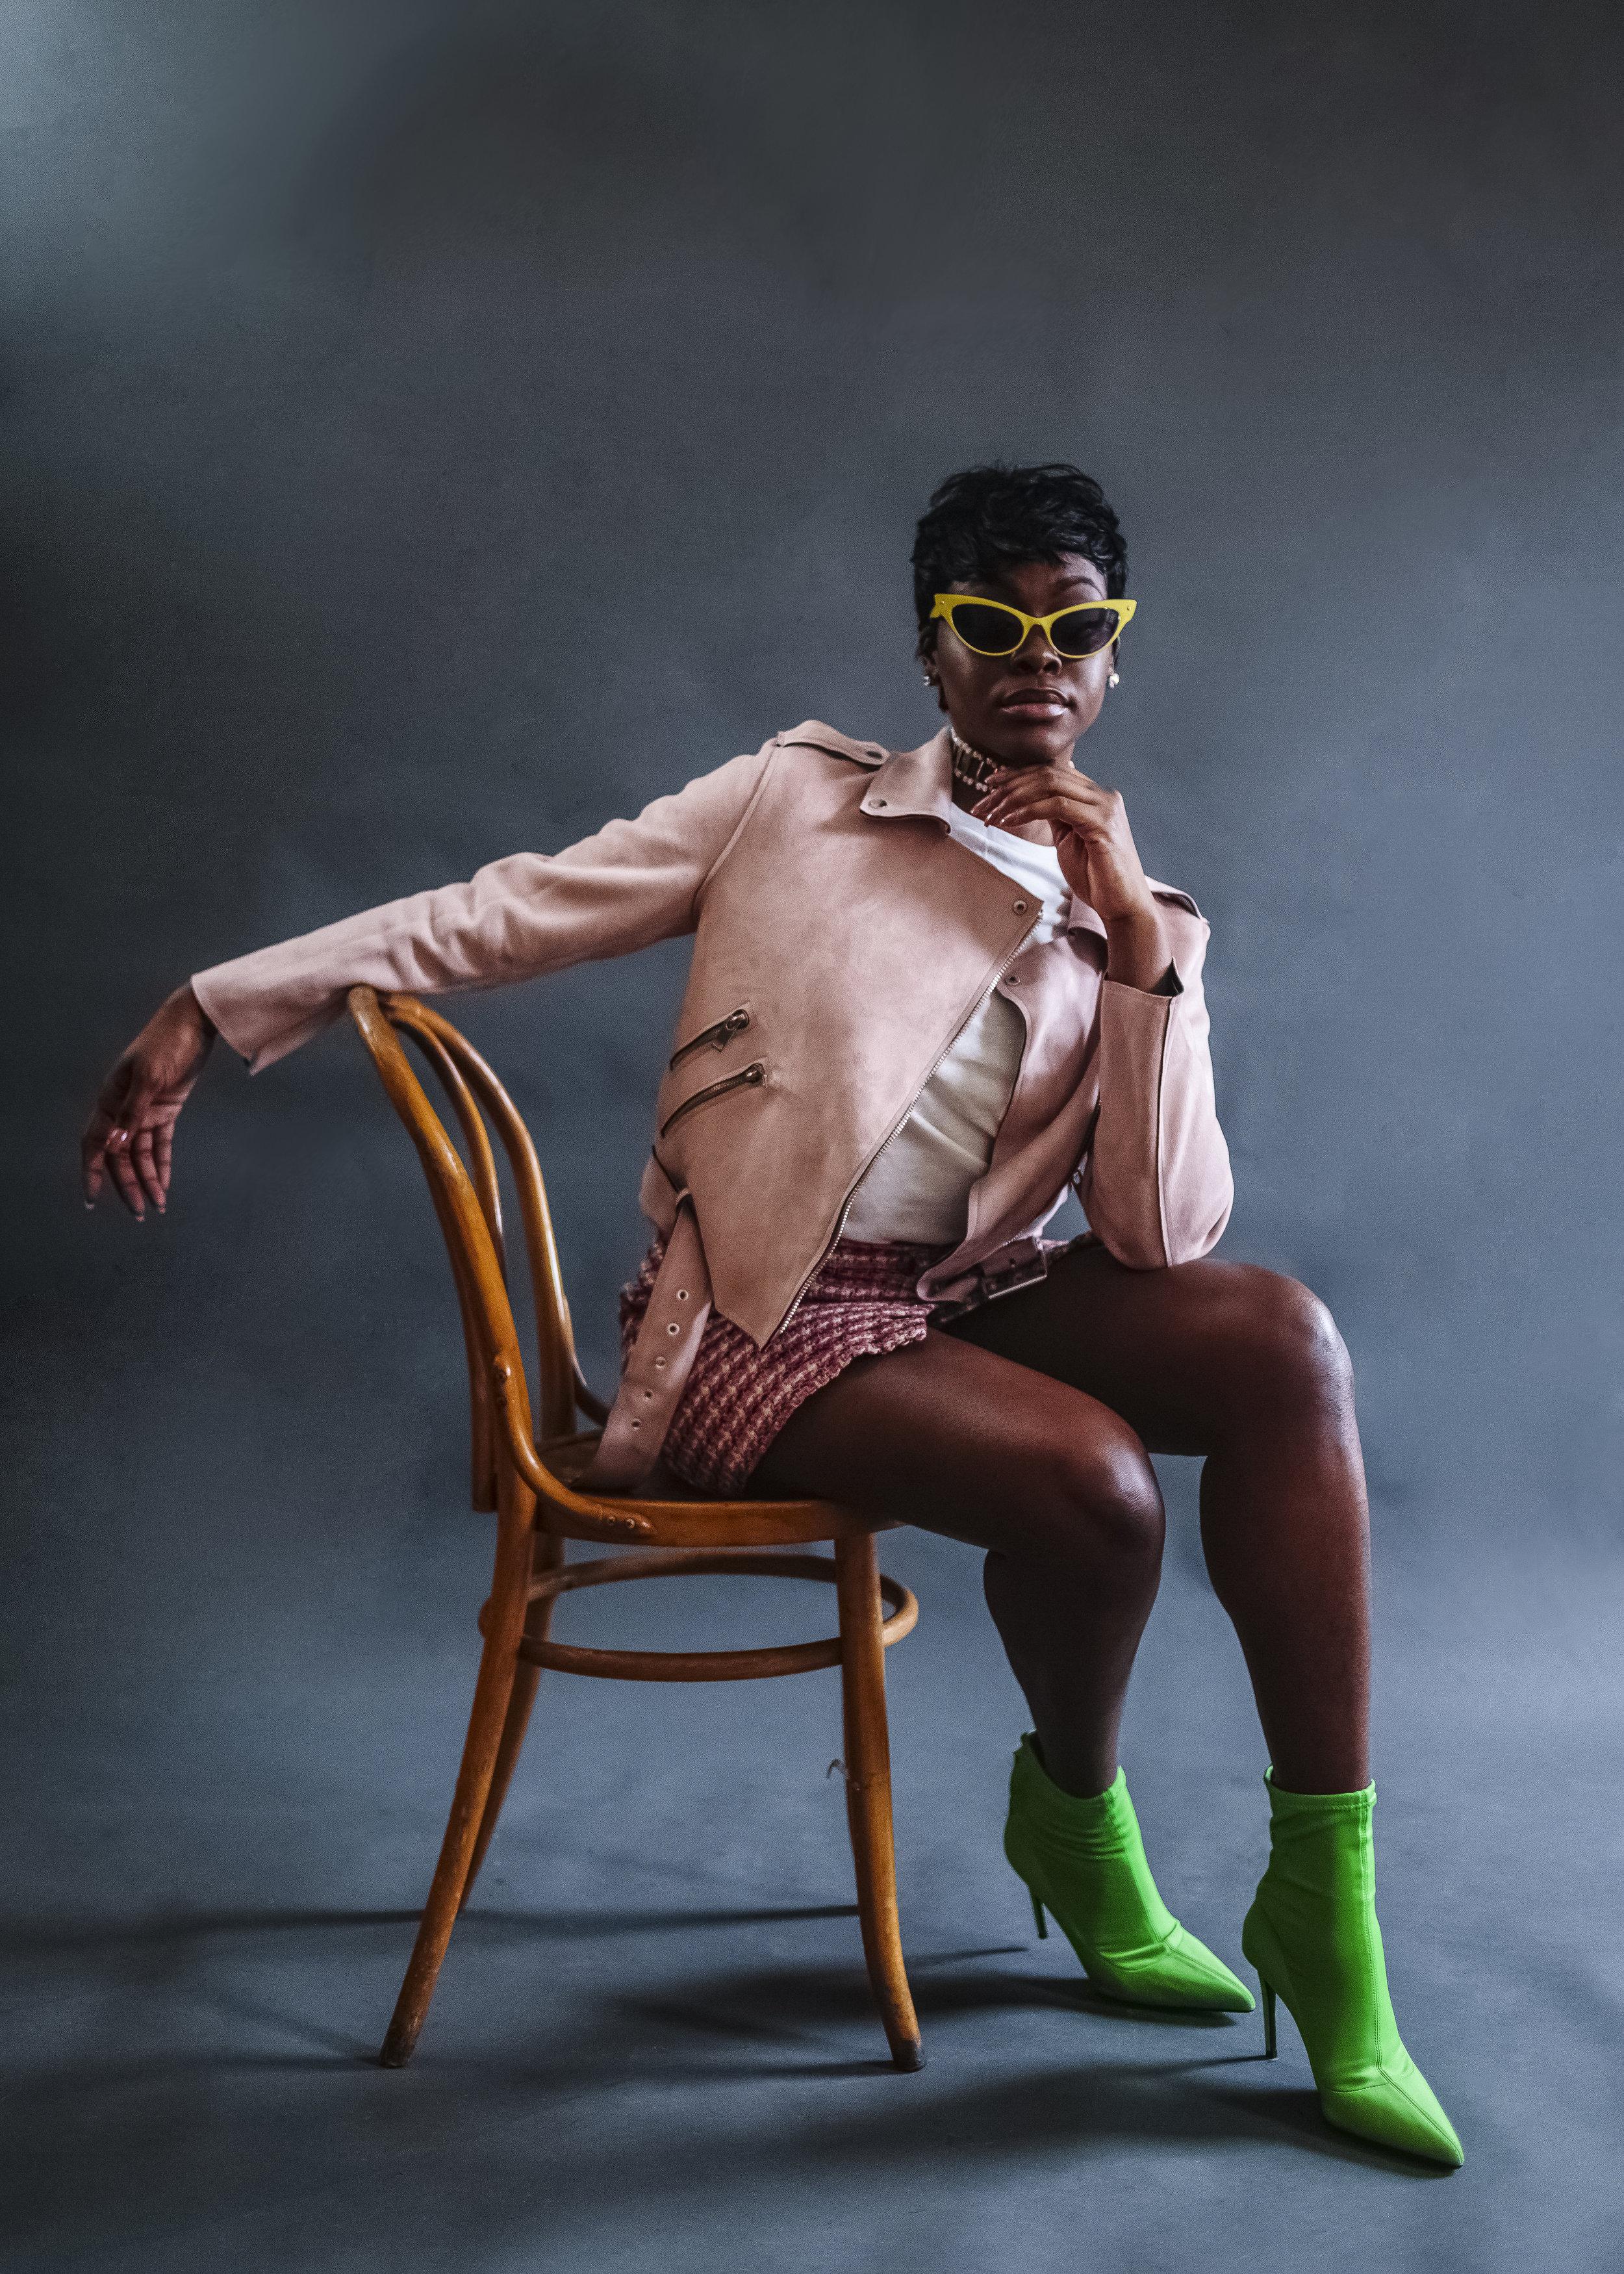 styled by Kenya Sherron